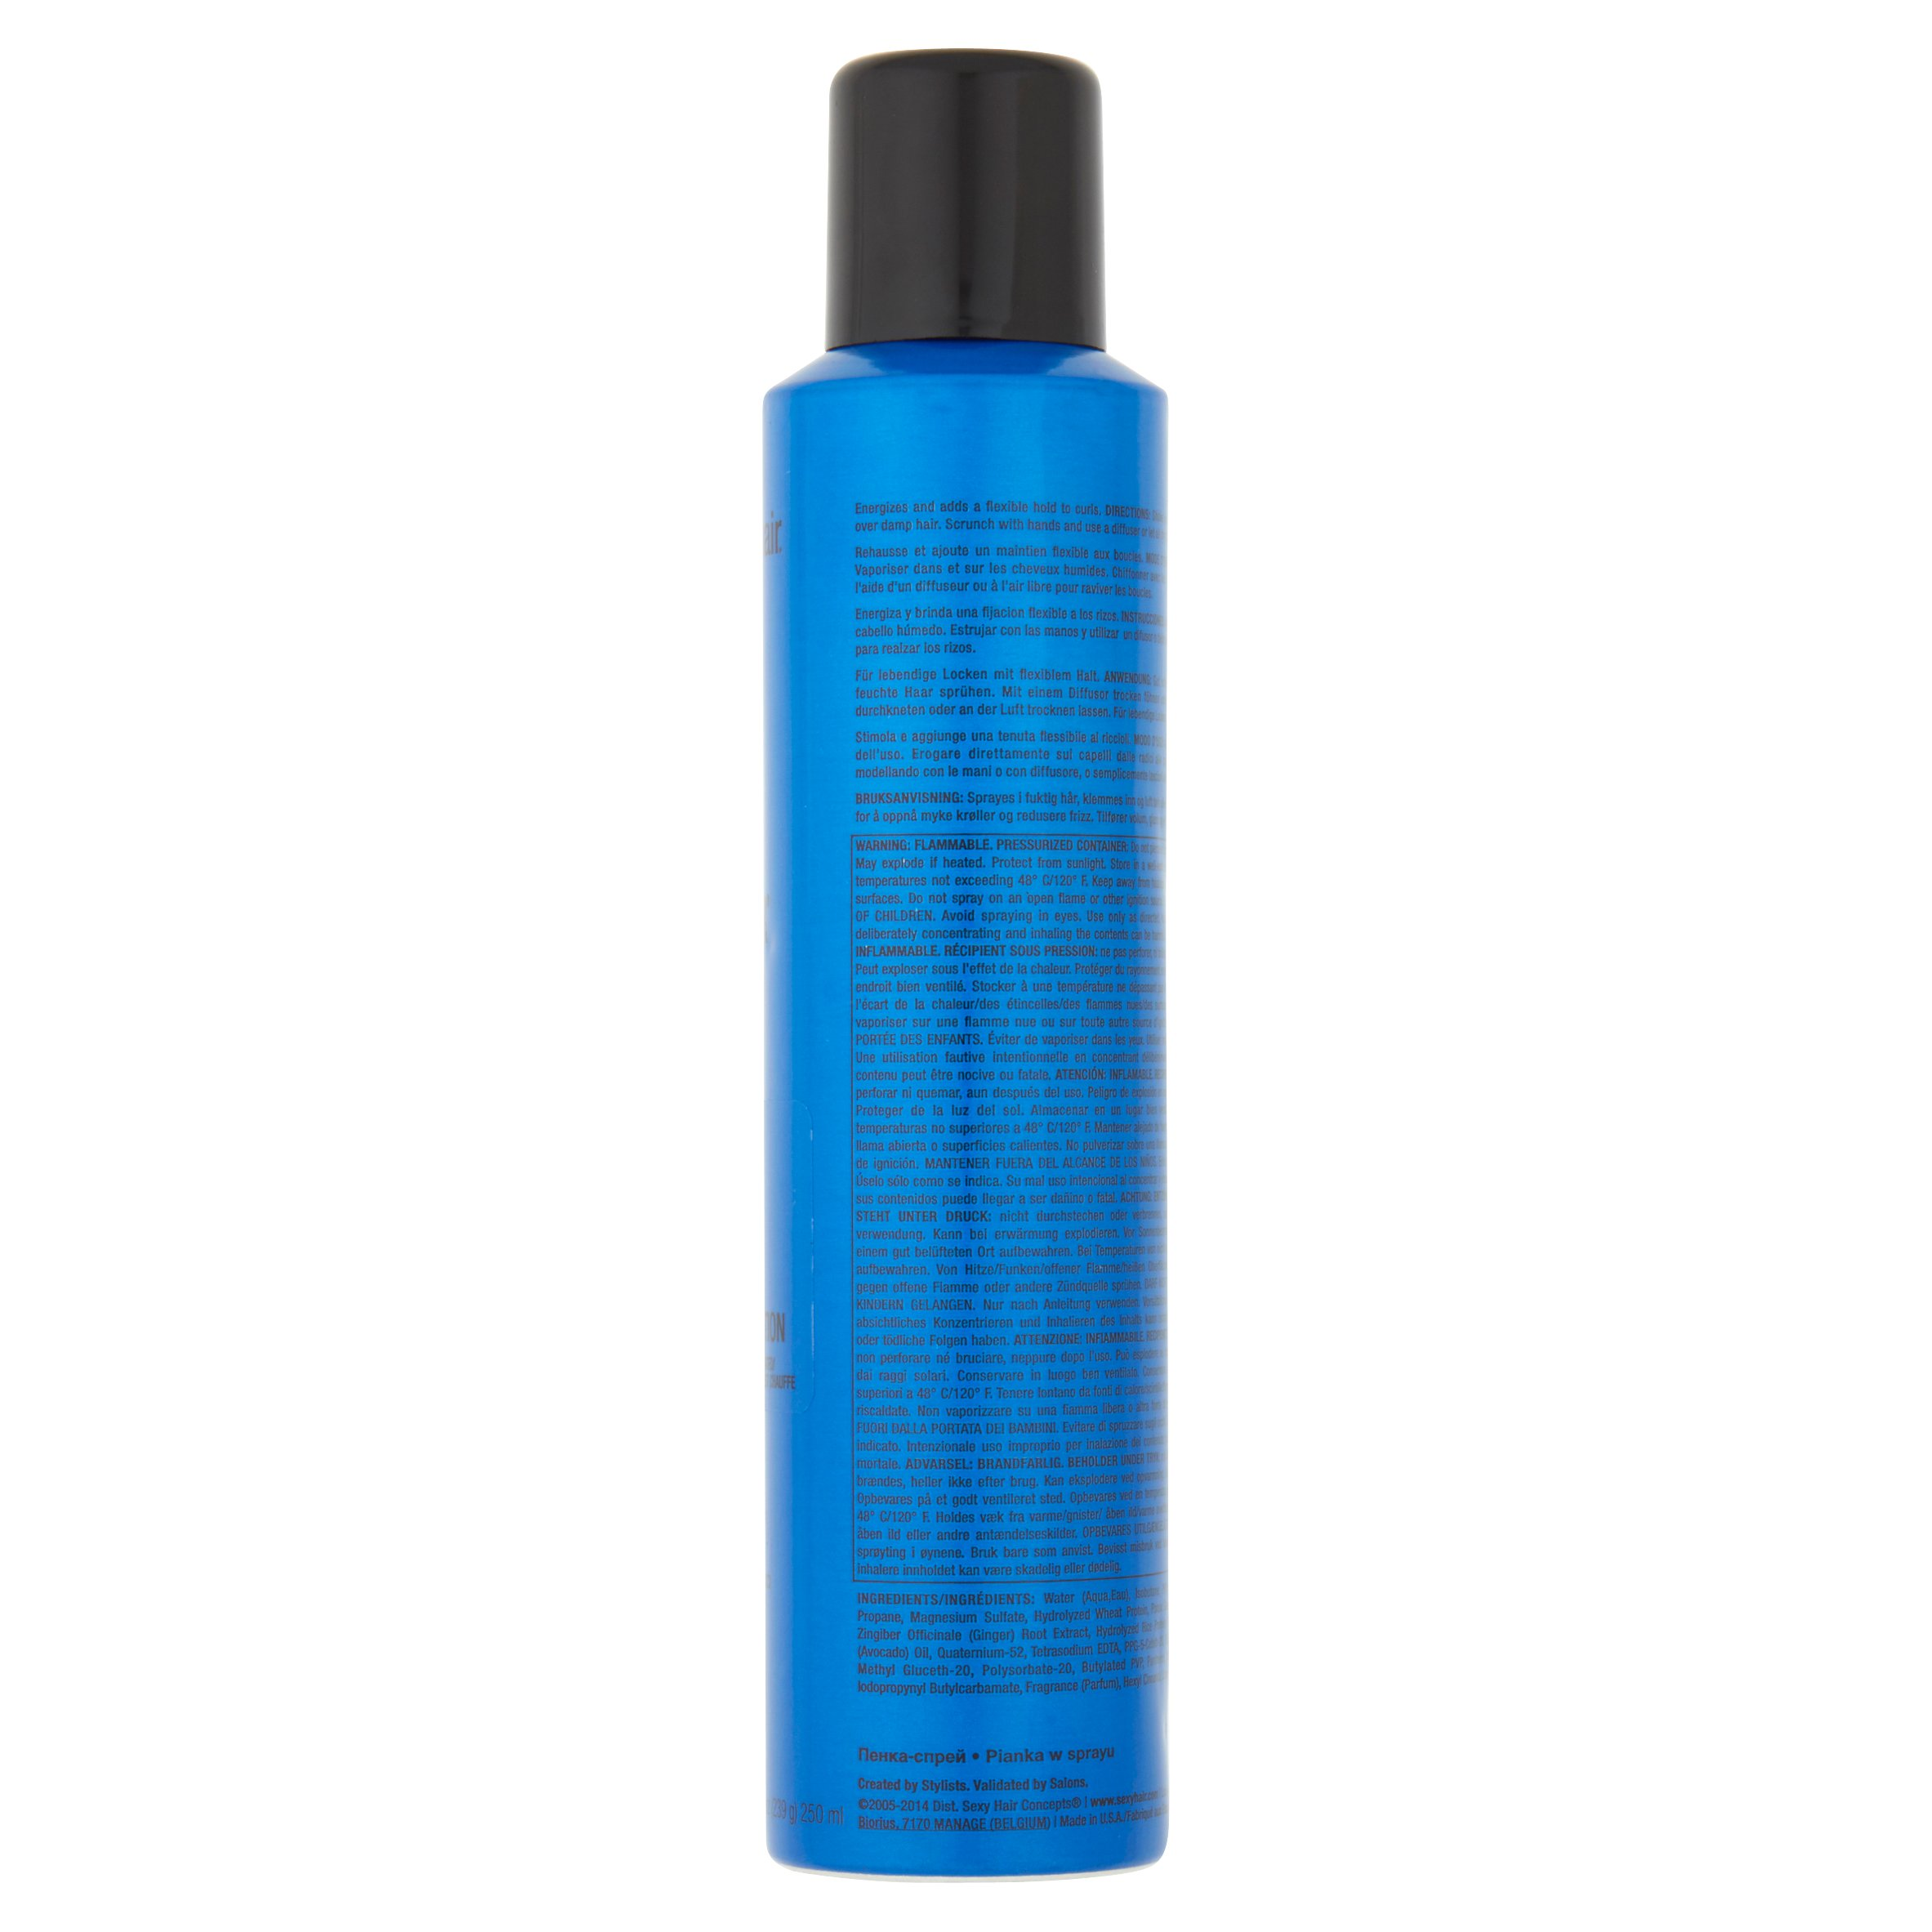 y Hair Curl Power Spray Foam, 8.4 oz - Walmart.com Rain Garden Designs Neska on